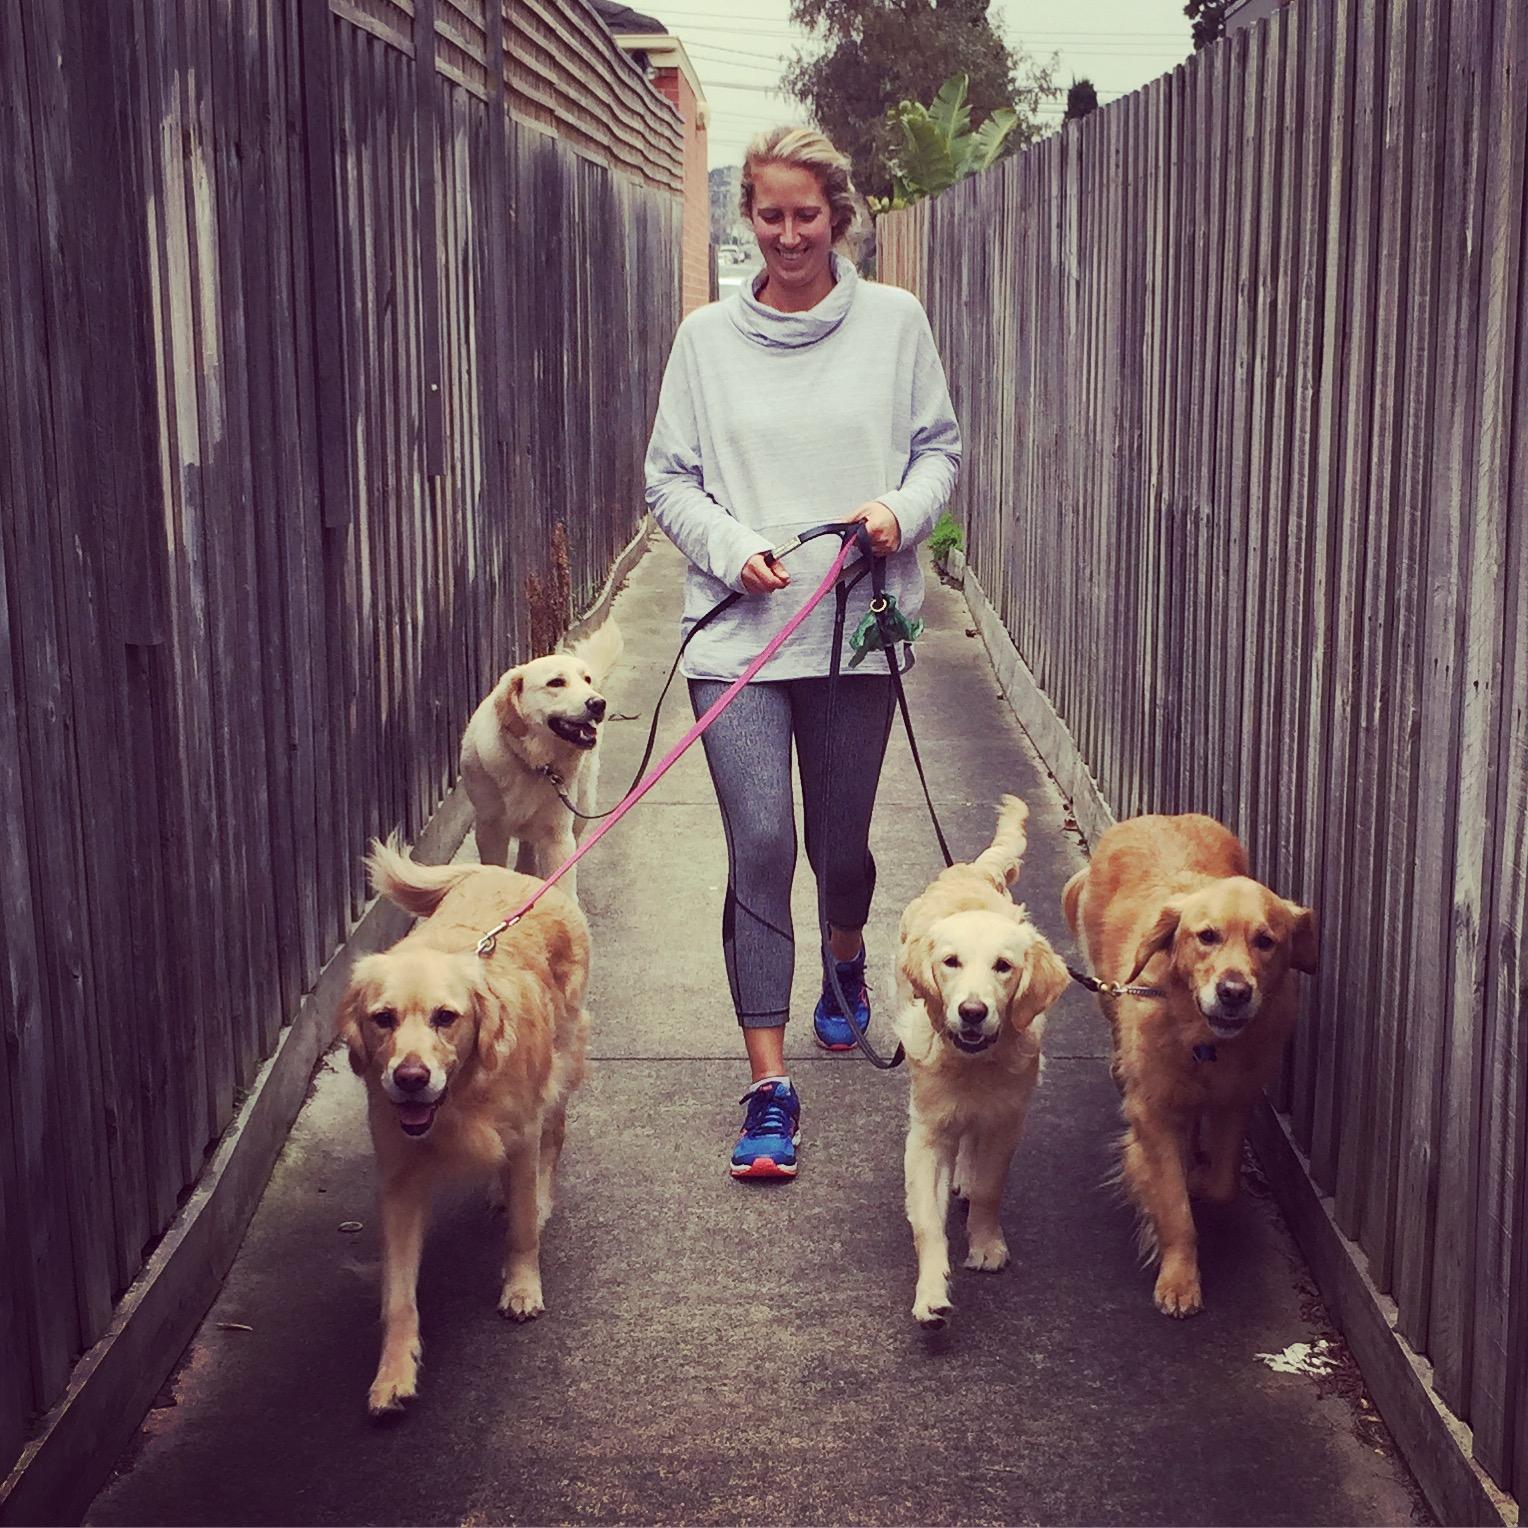 Dog-walking-exercising-lose-weight